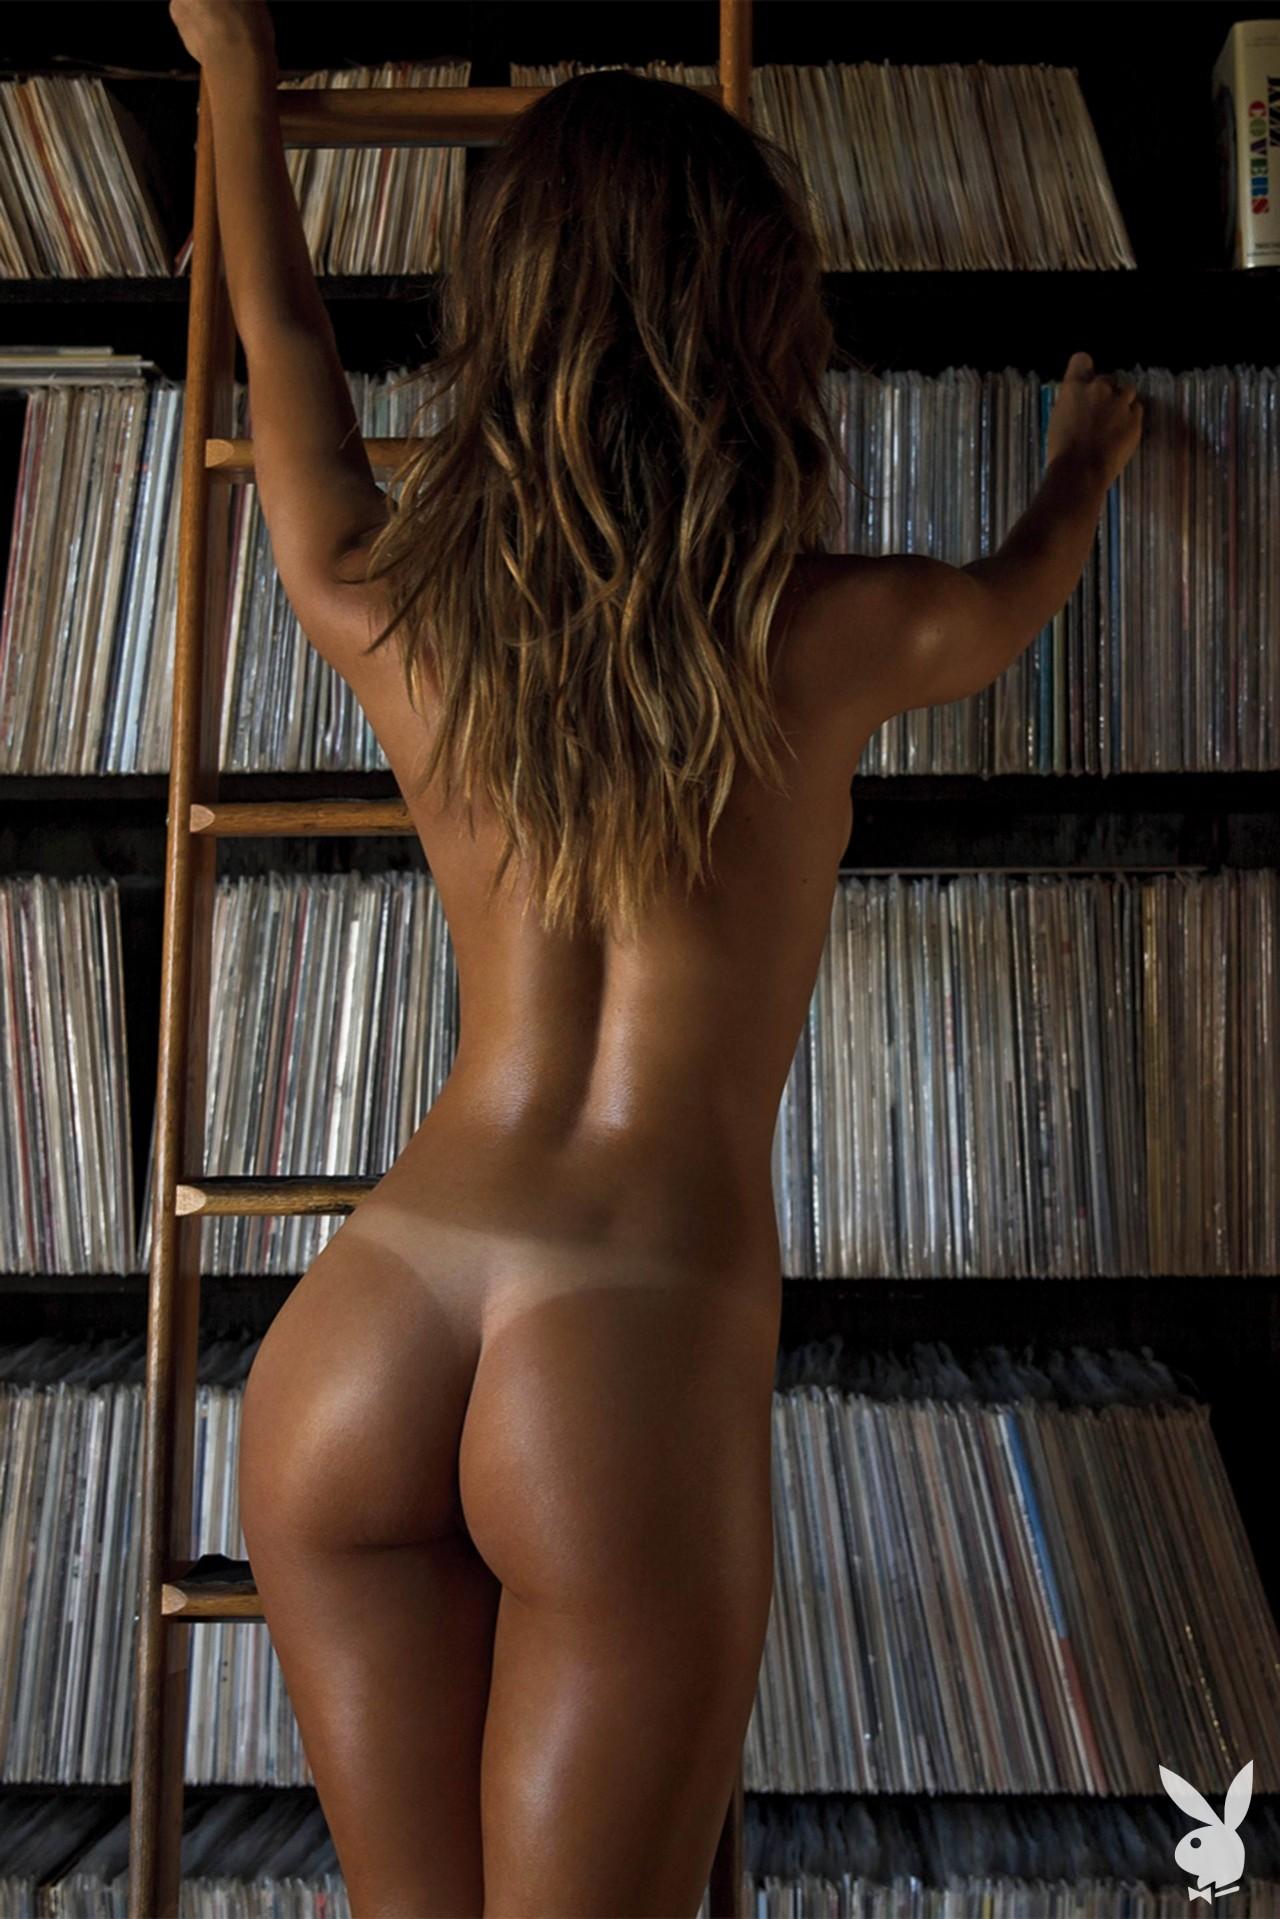 Carmella rose topless